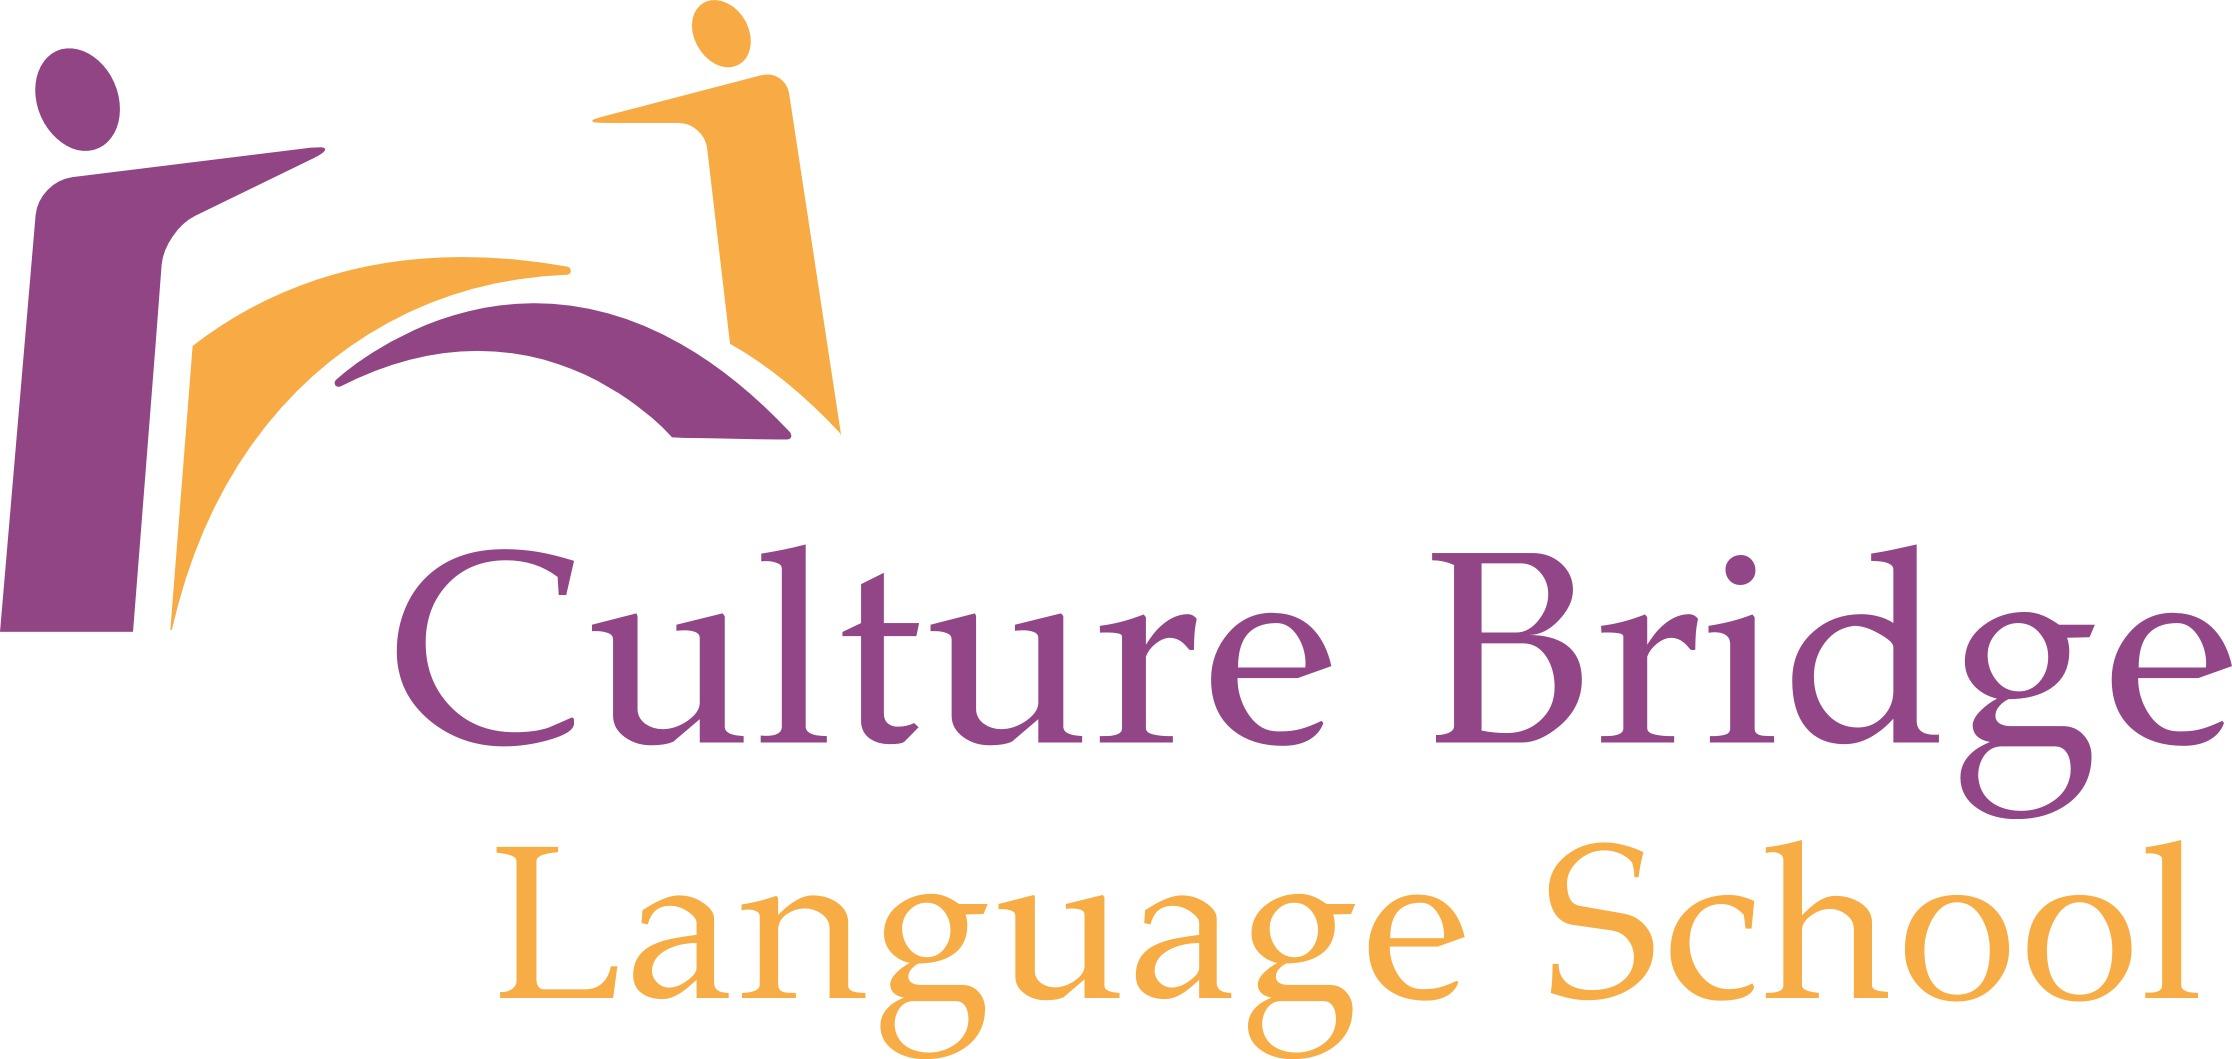 CultureBridge